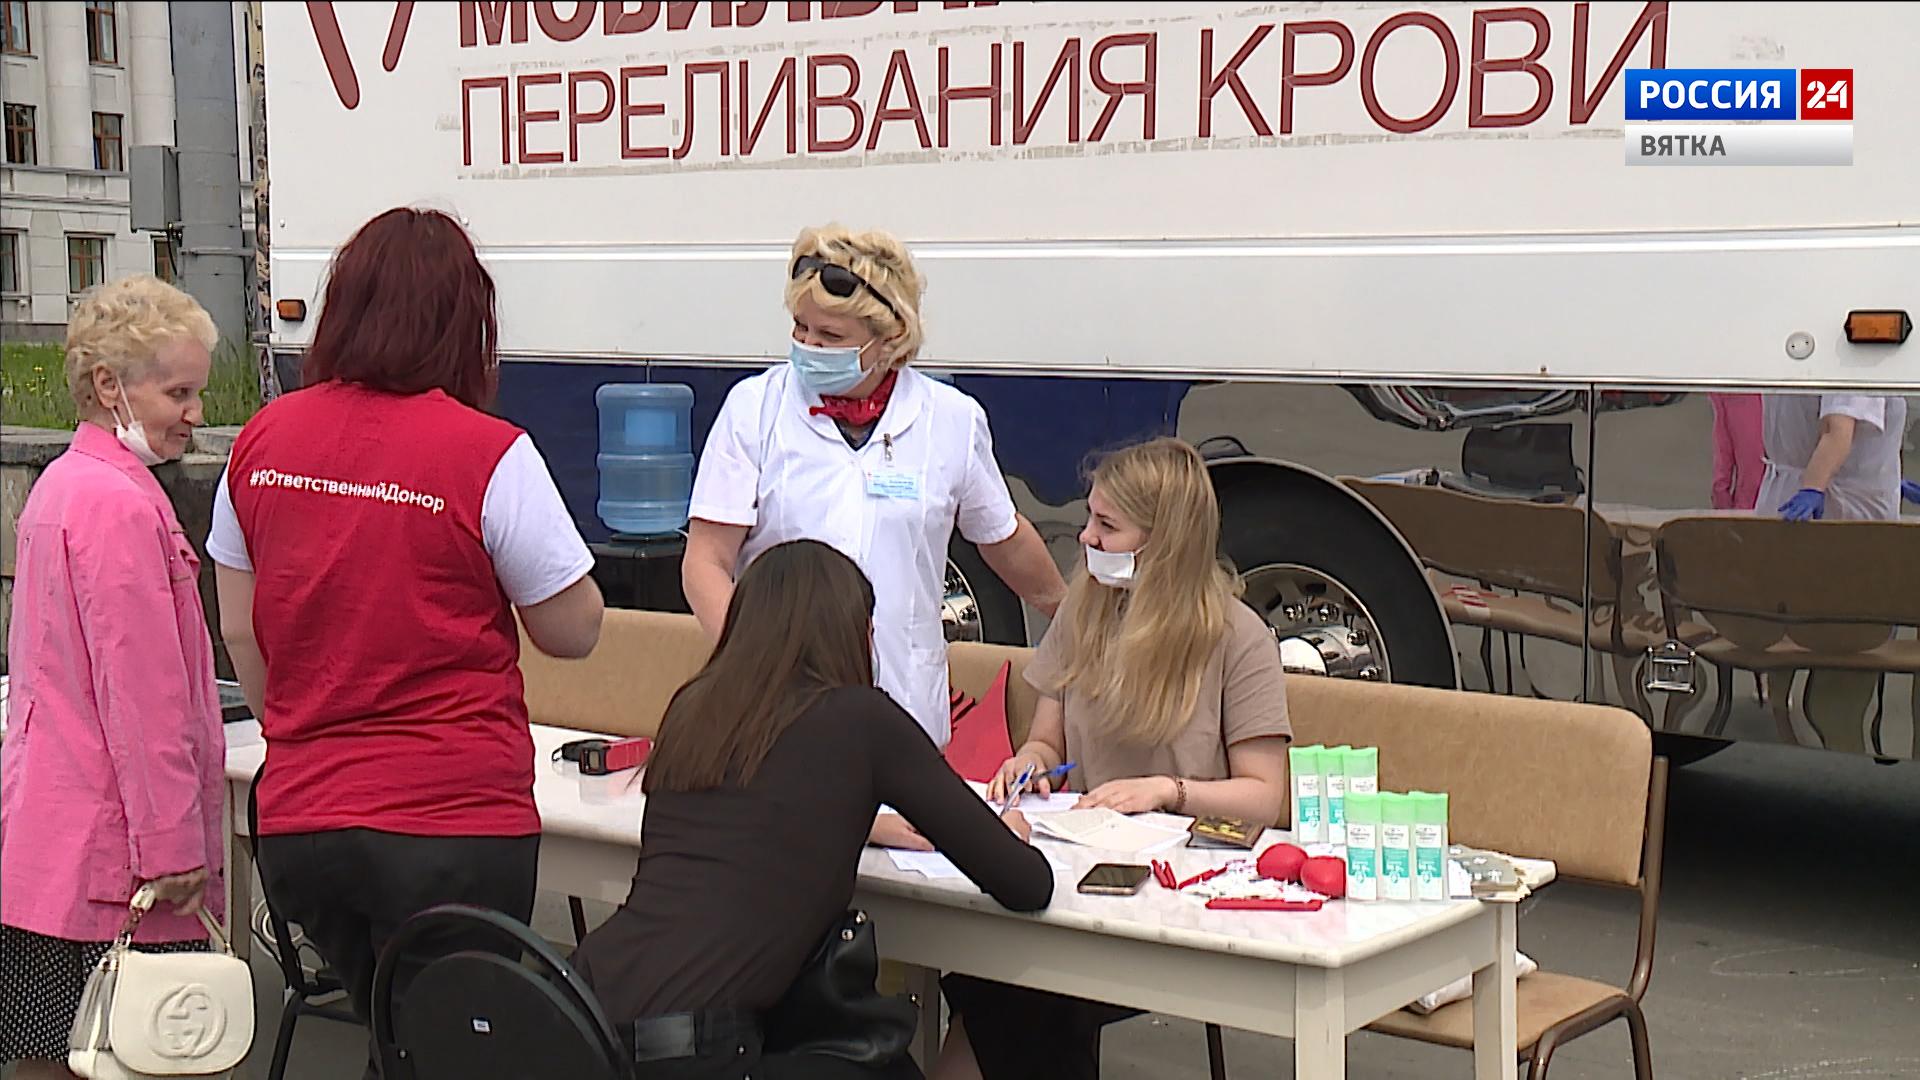 В Кирове объявили о сборе крови и плазмы на мобильных донорских пунктах